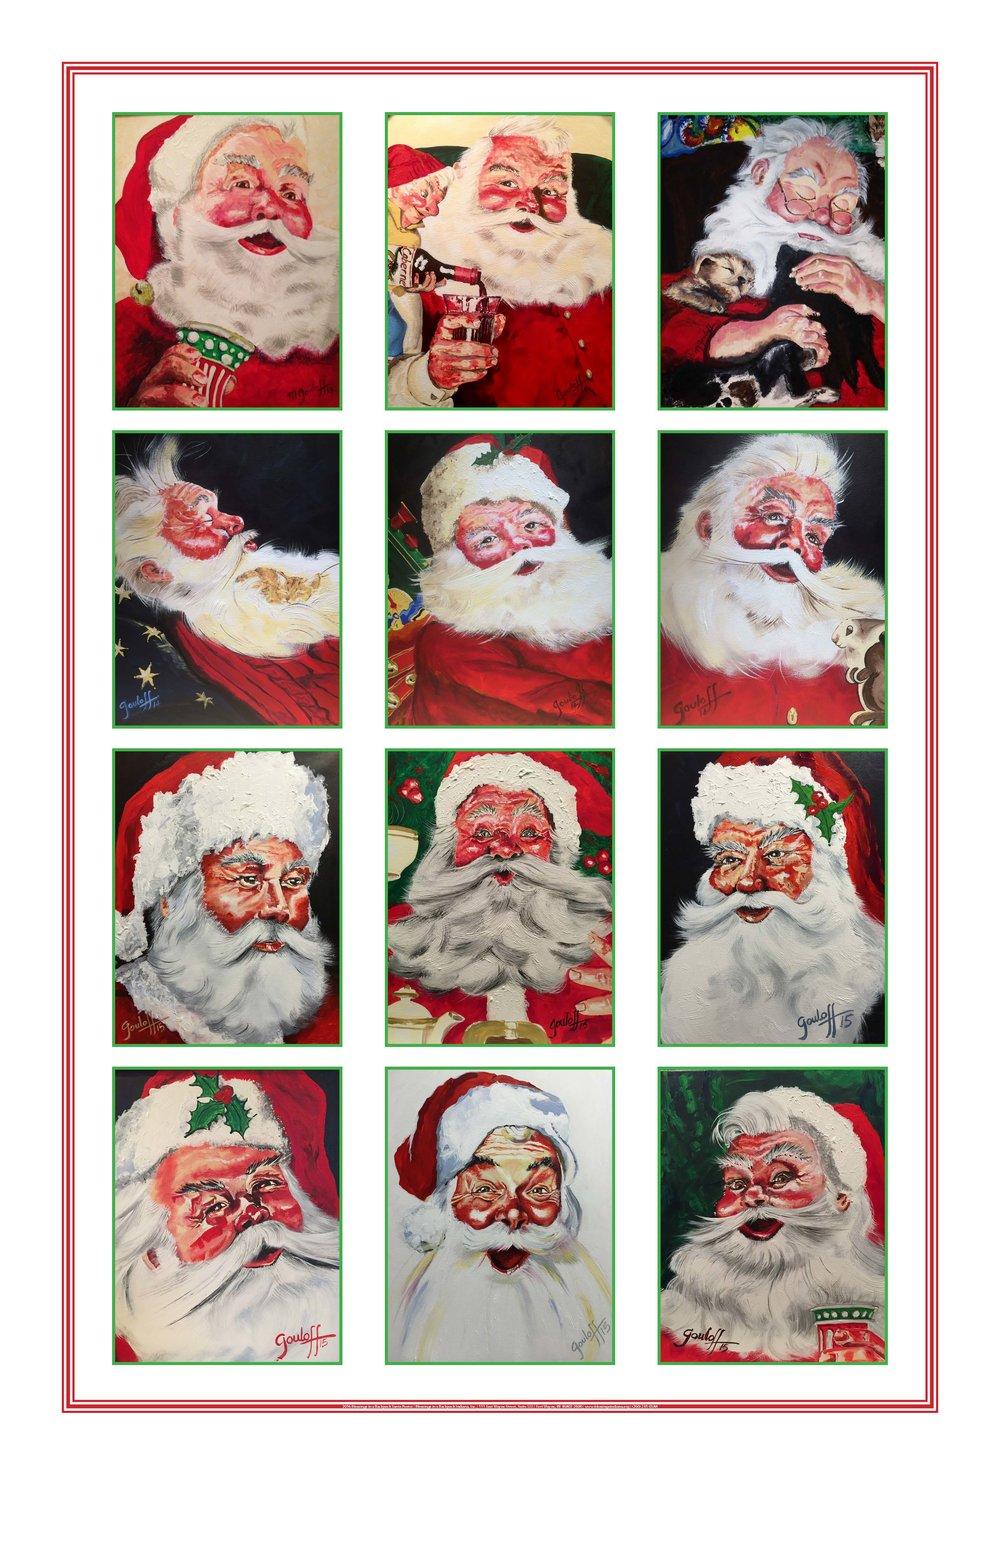 gouloff santa poster